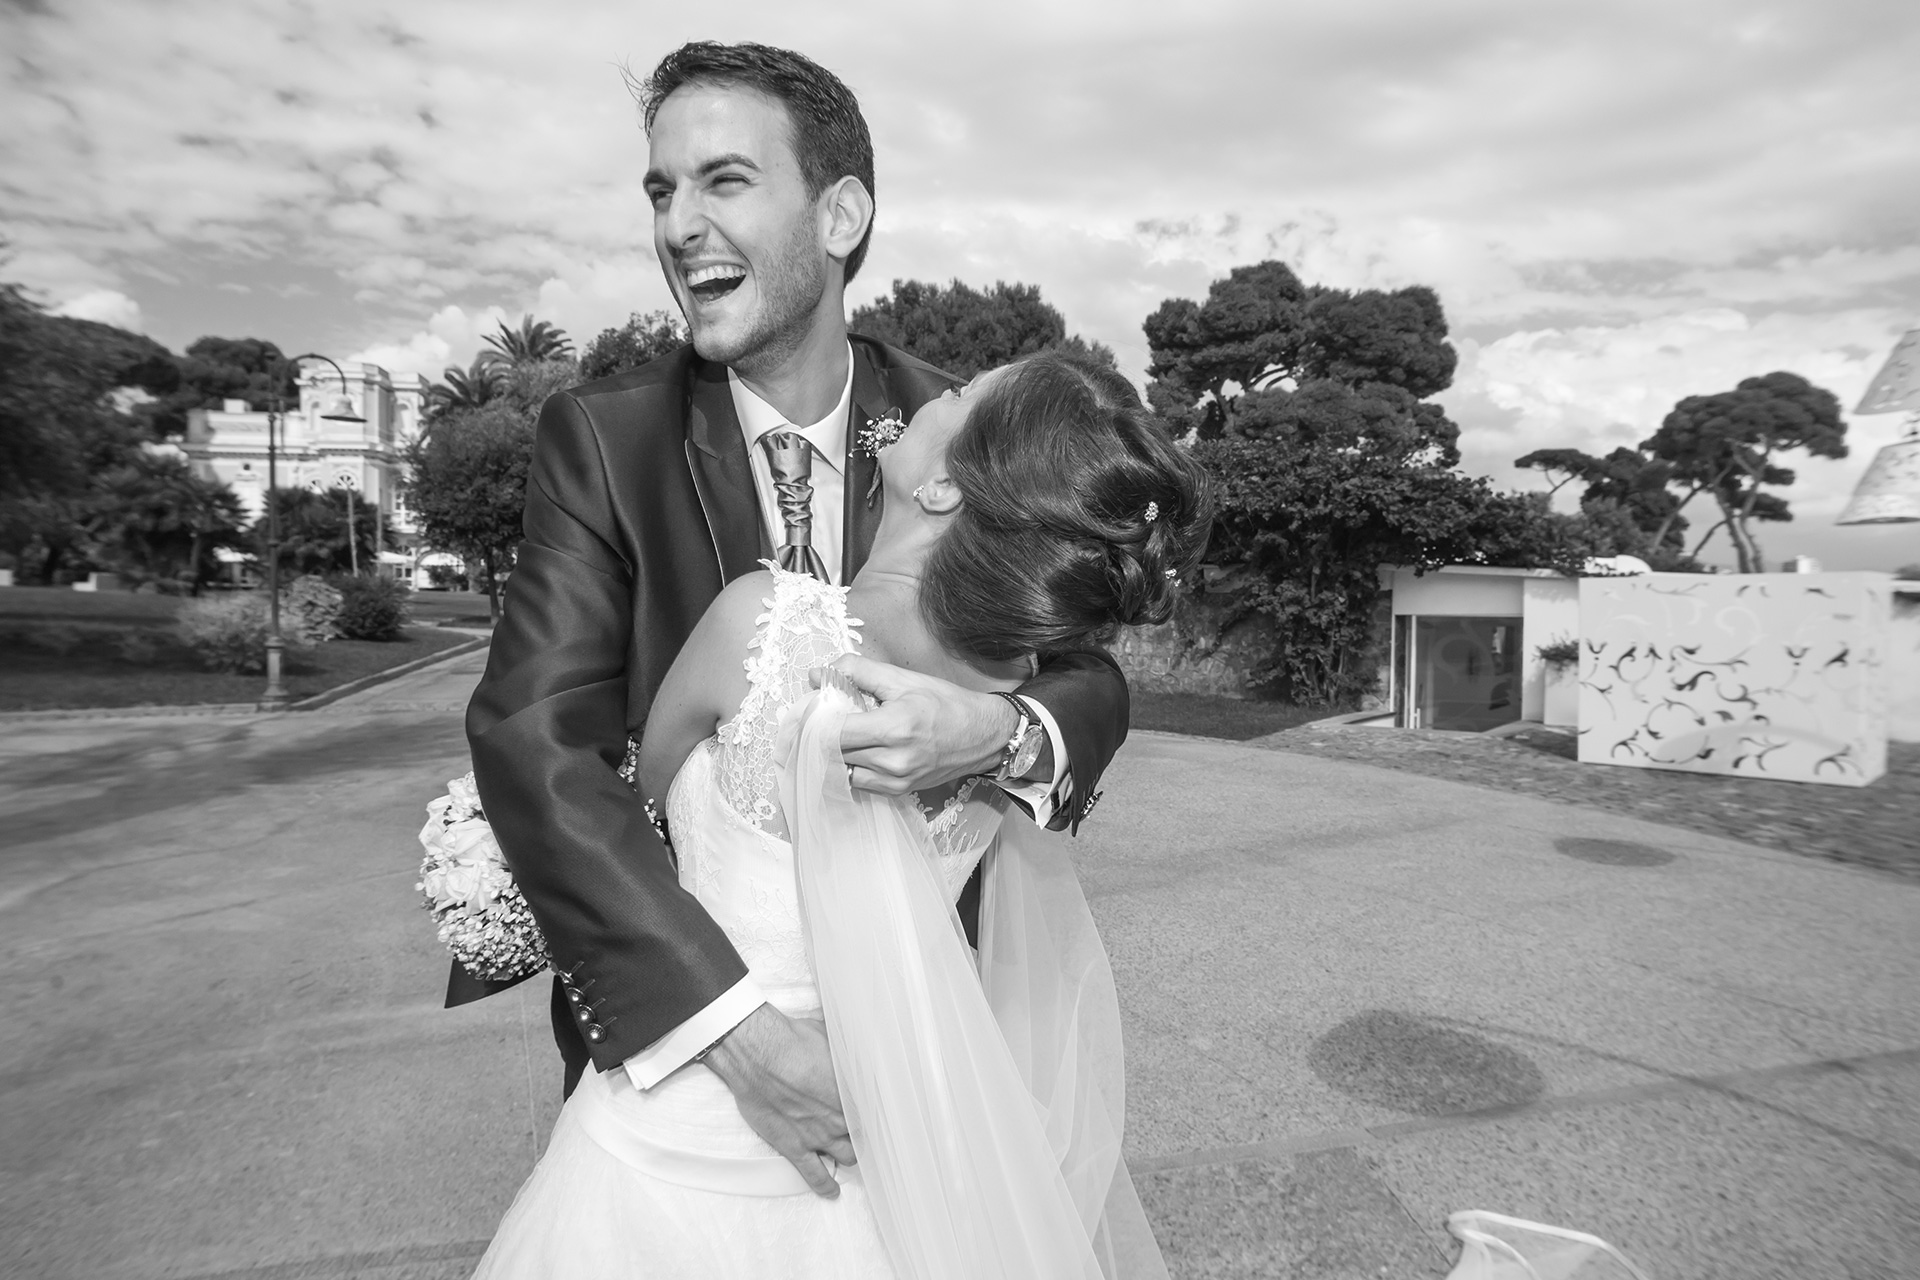 Fotografo Matrimoni Napoli Stefano Cardone Reportage